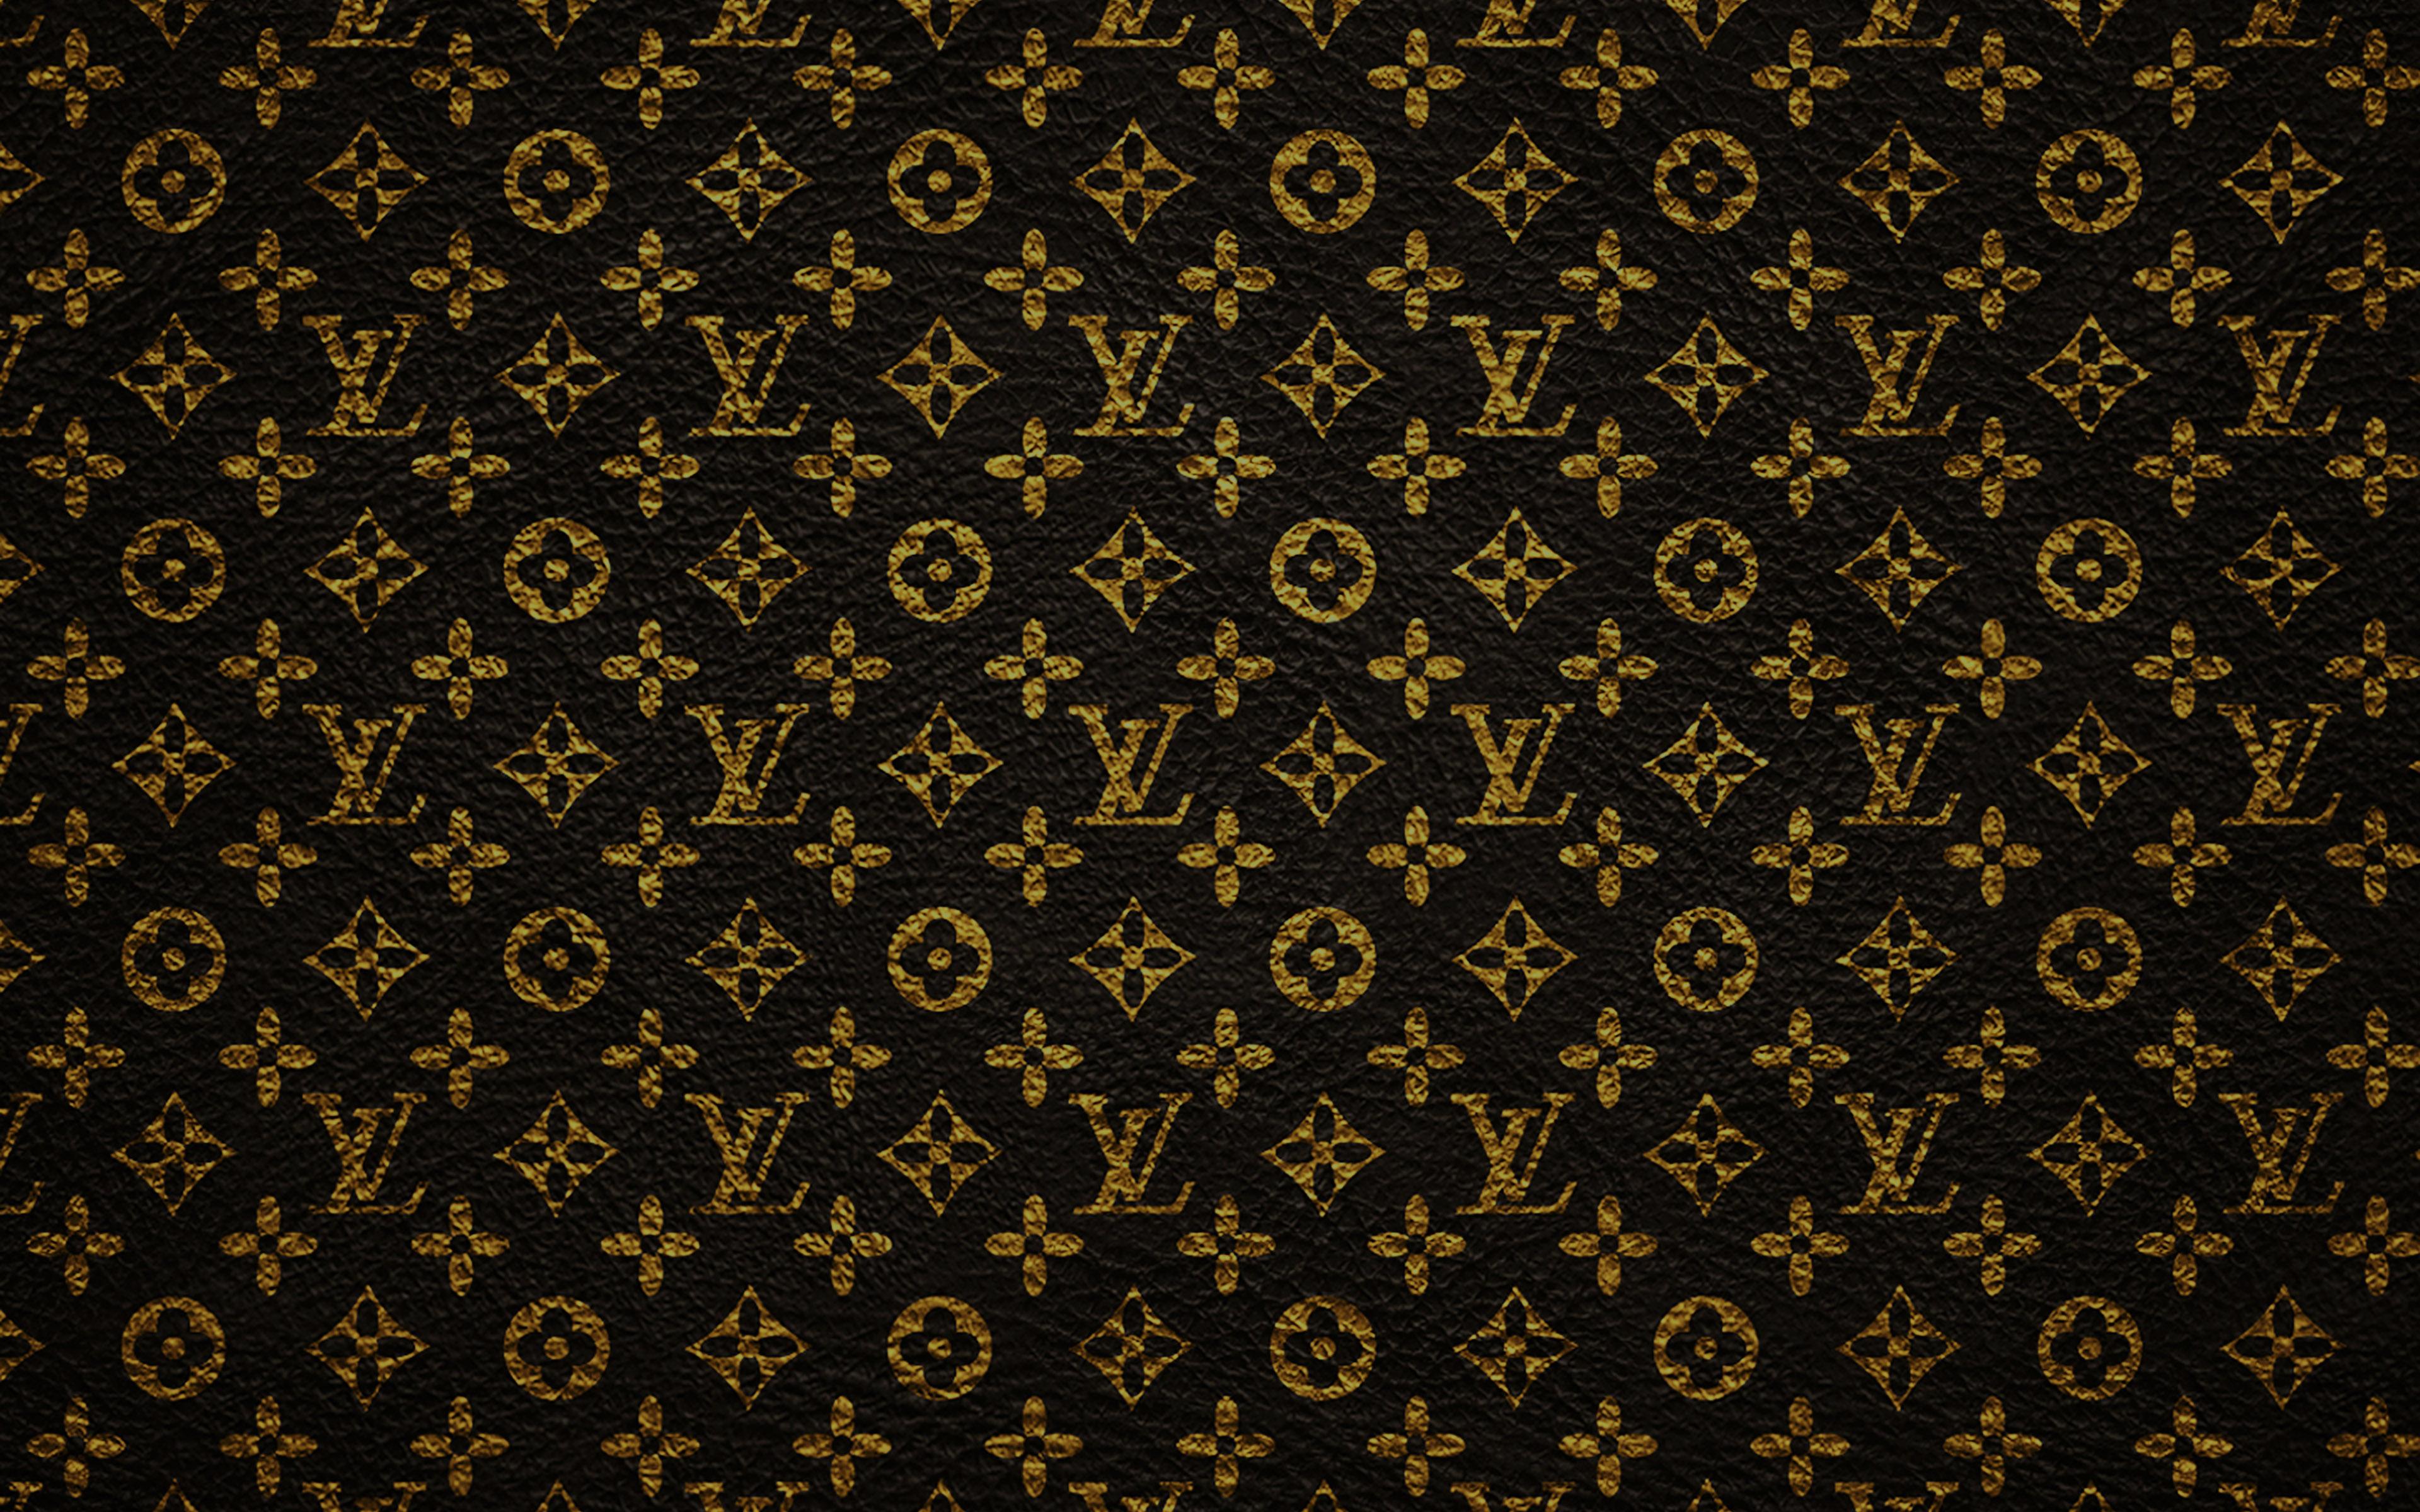 Vf22-louis-vuitton-dark-pattern-art